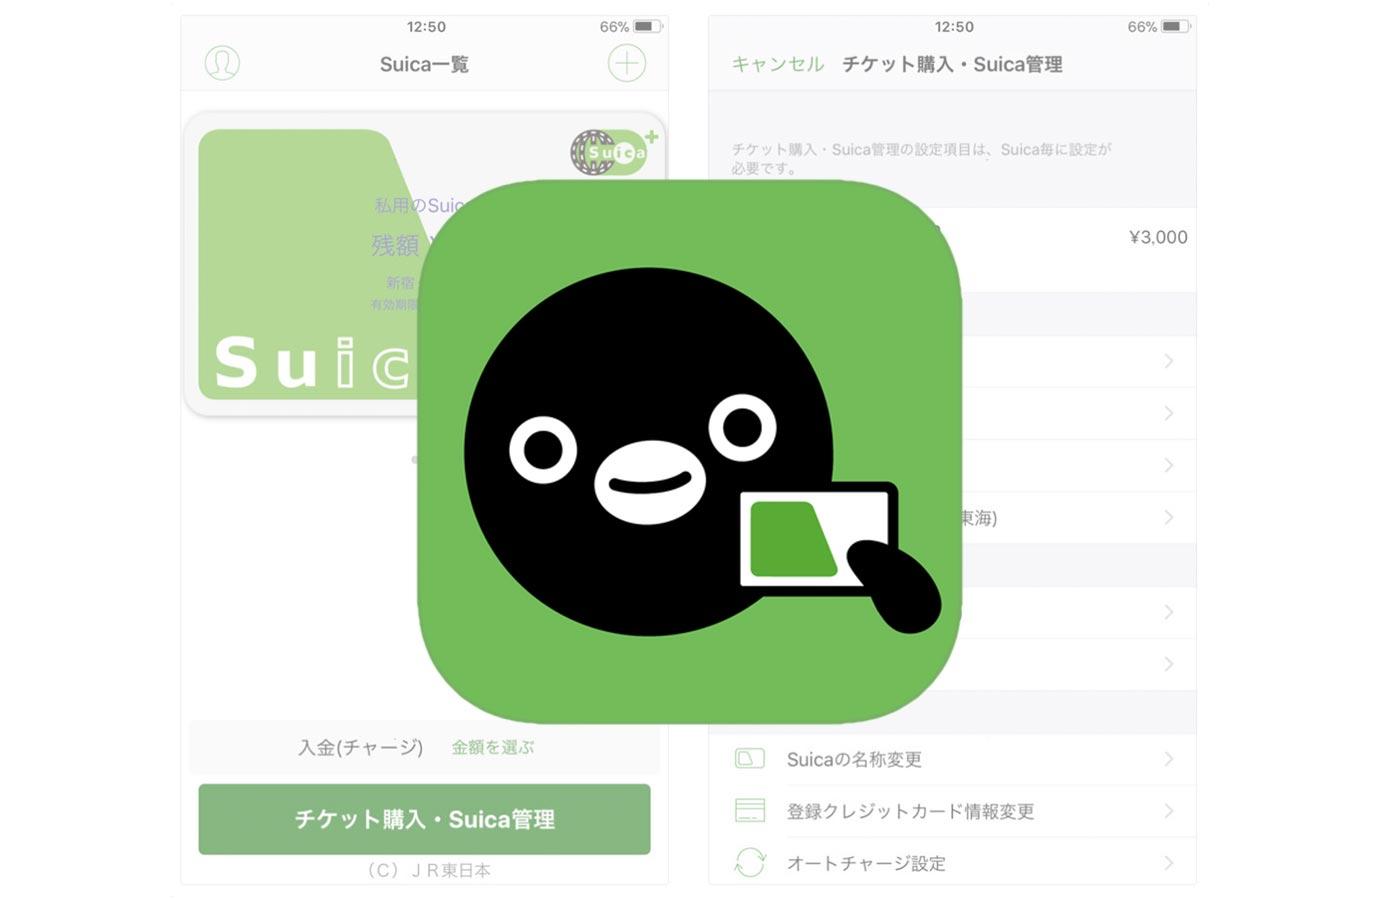 JR東日本、「エクスプレス予約」連携サービスが利用可能になったiOSアプリ「Suica 1.2.0」リリース